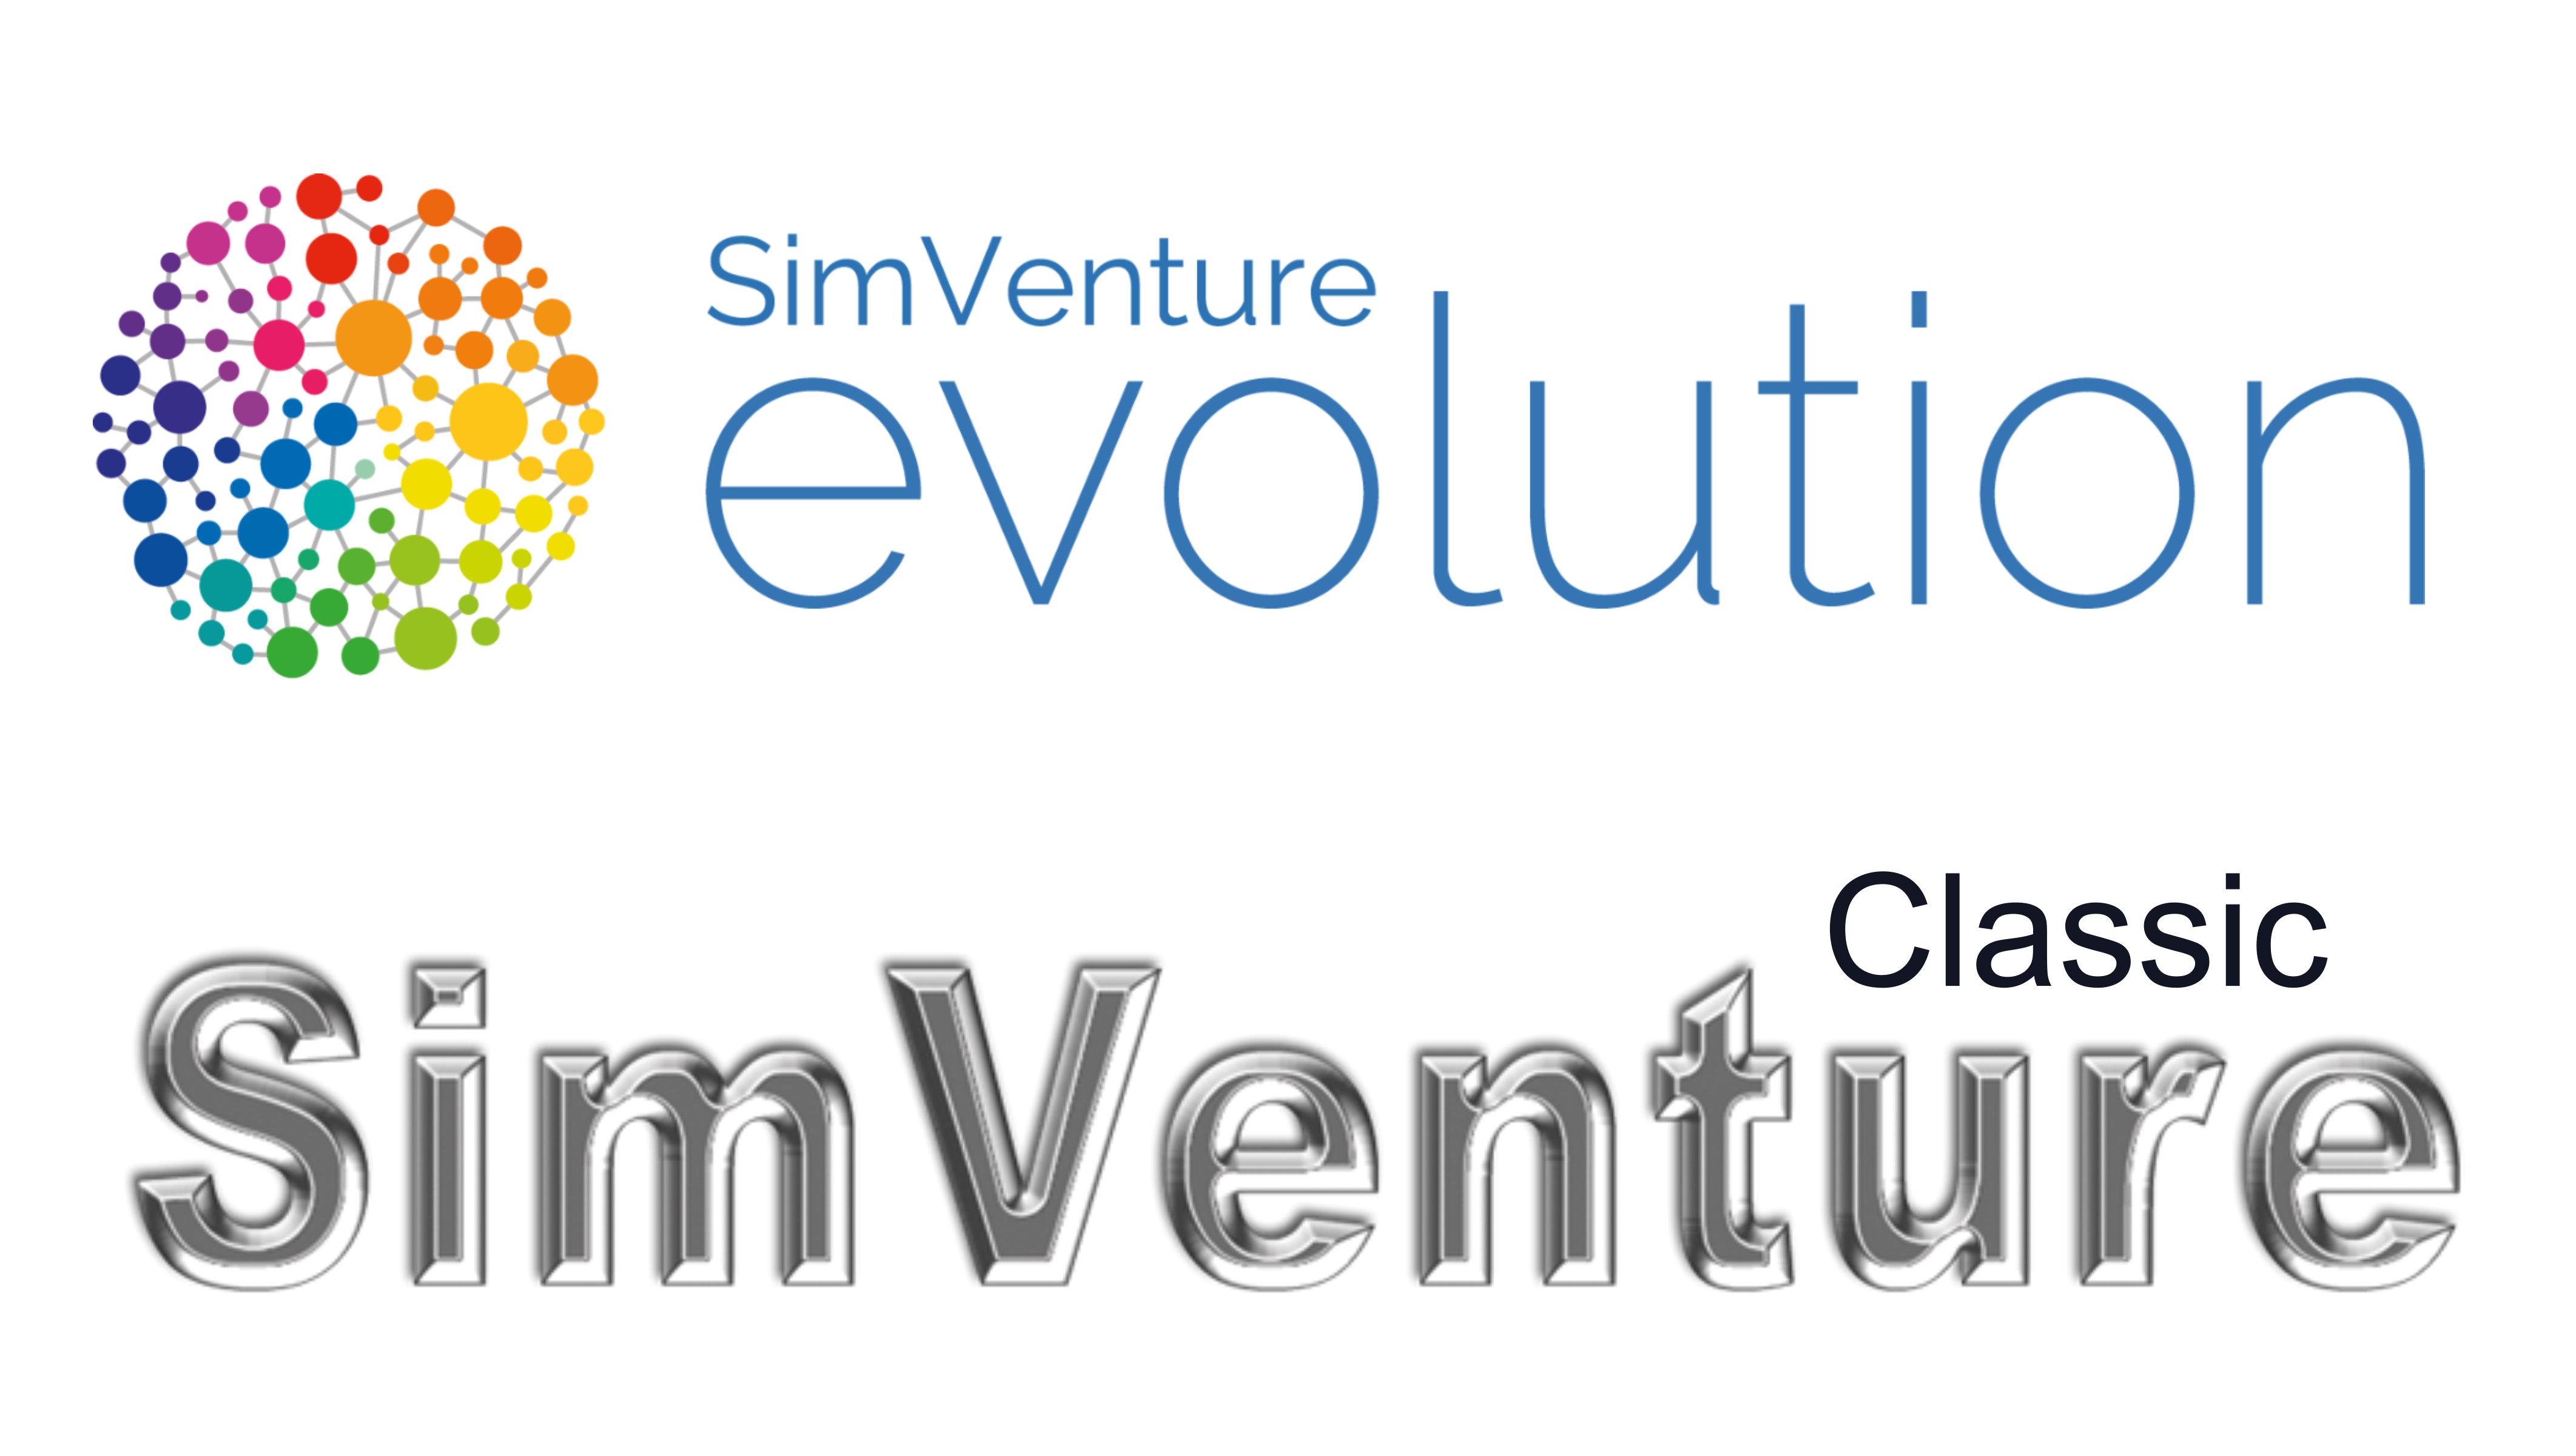 Sim Venture